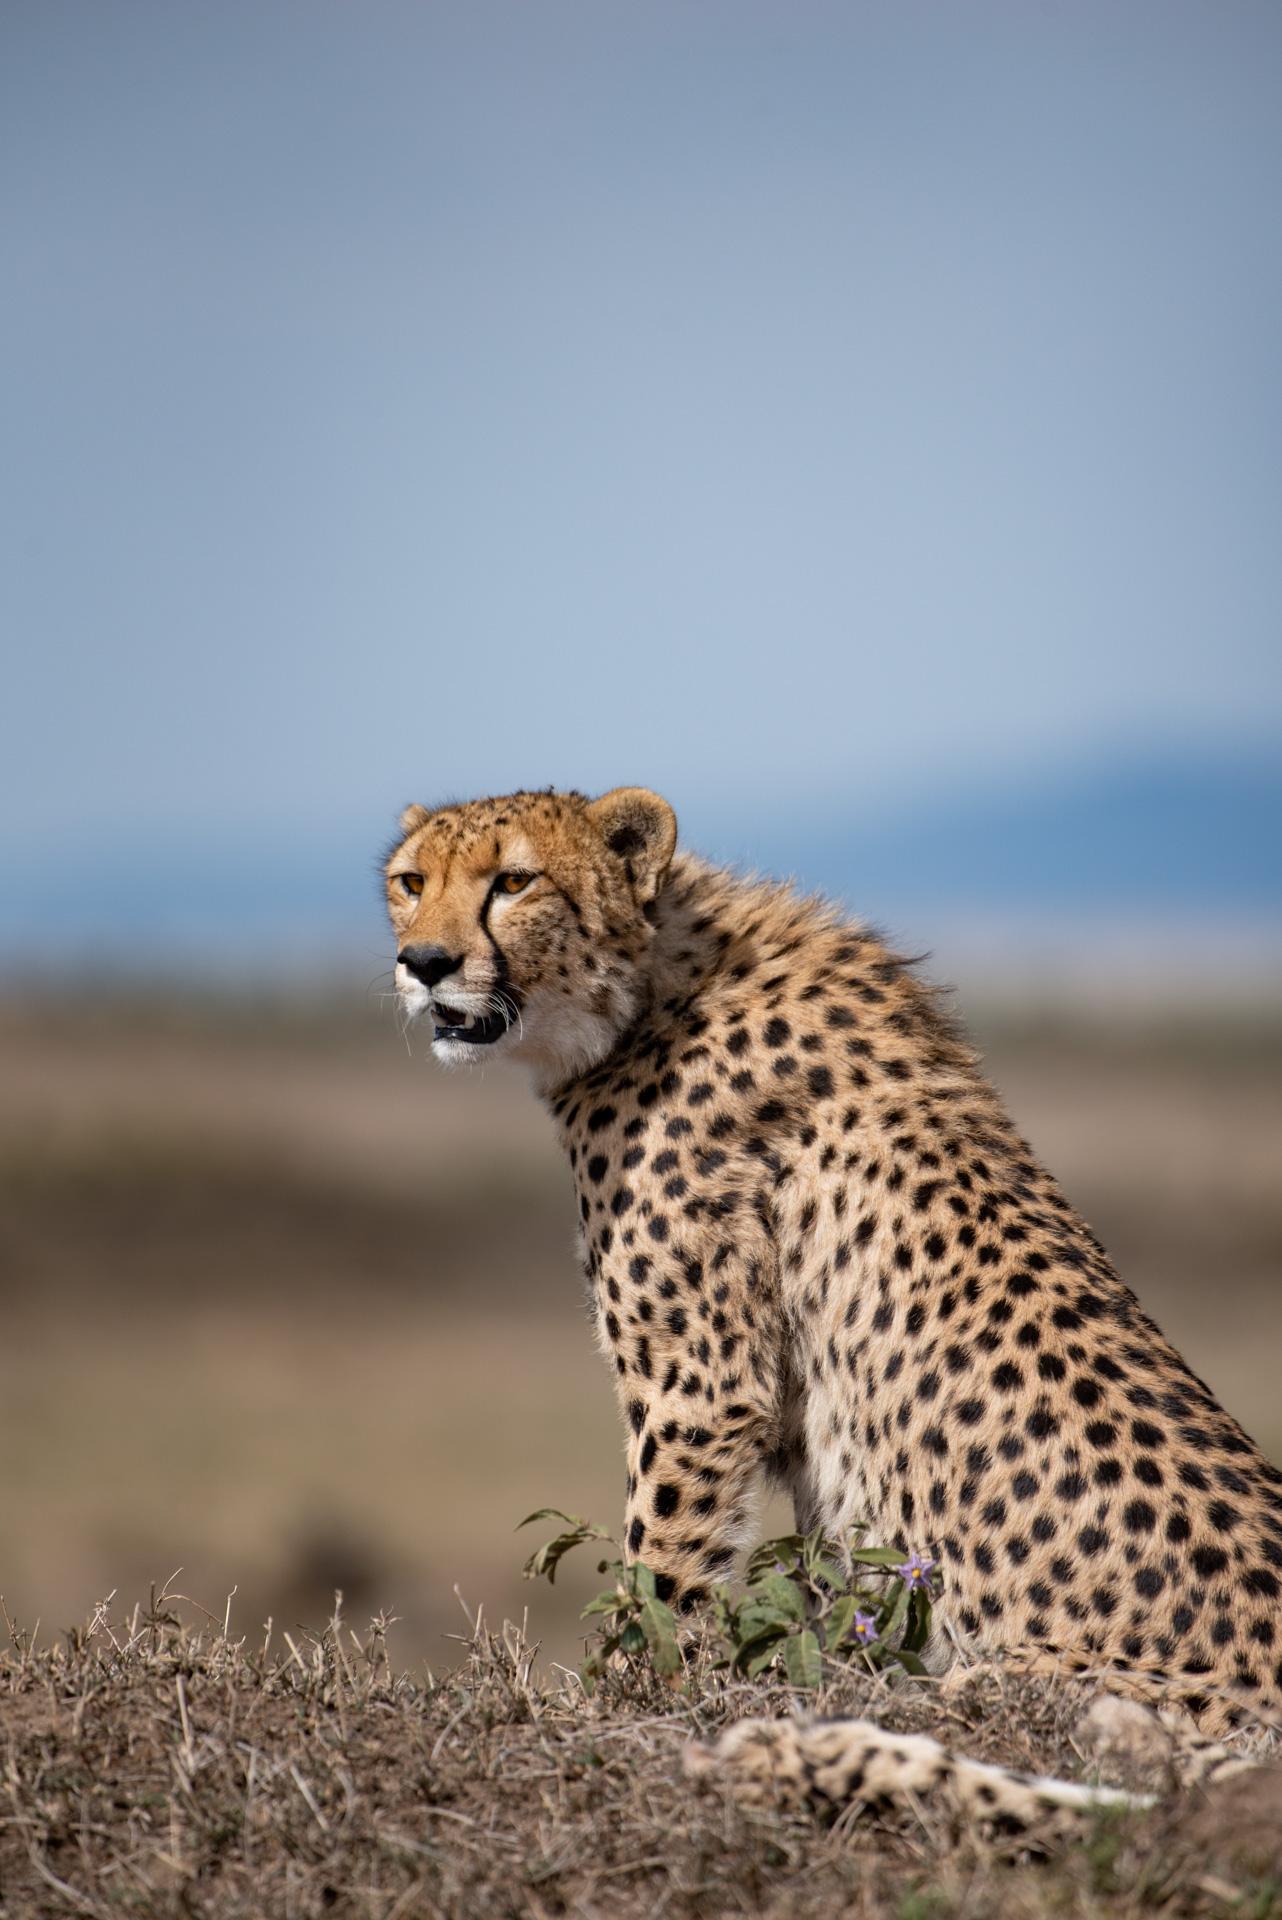 Cheetah Scan